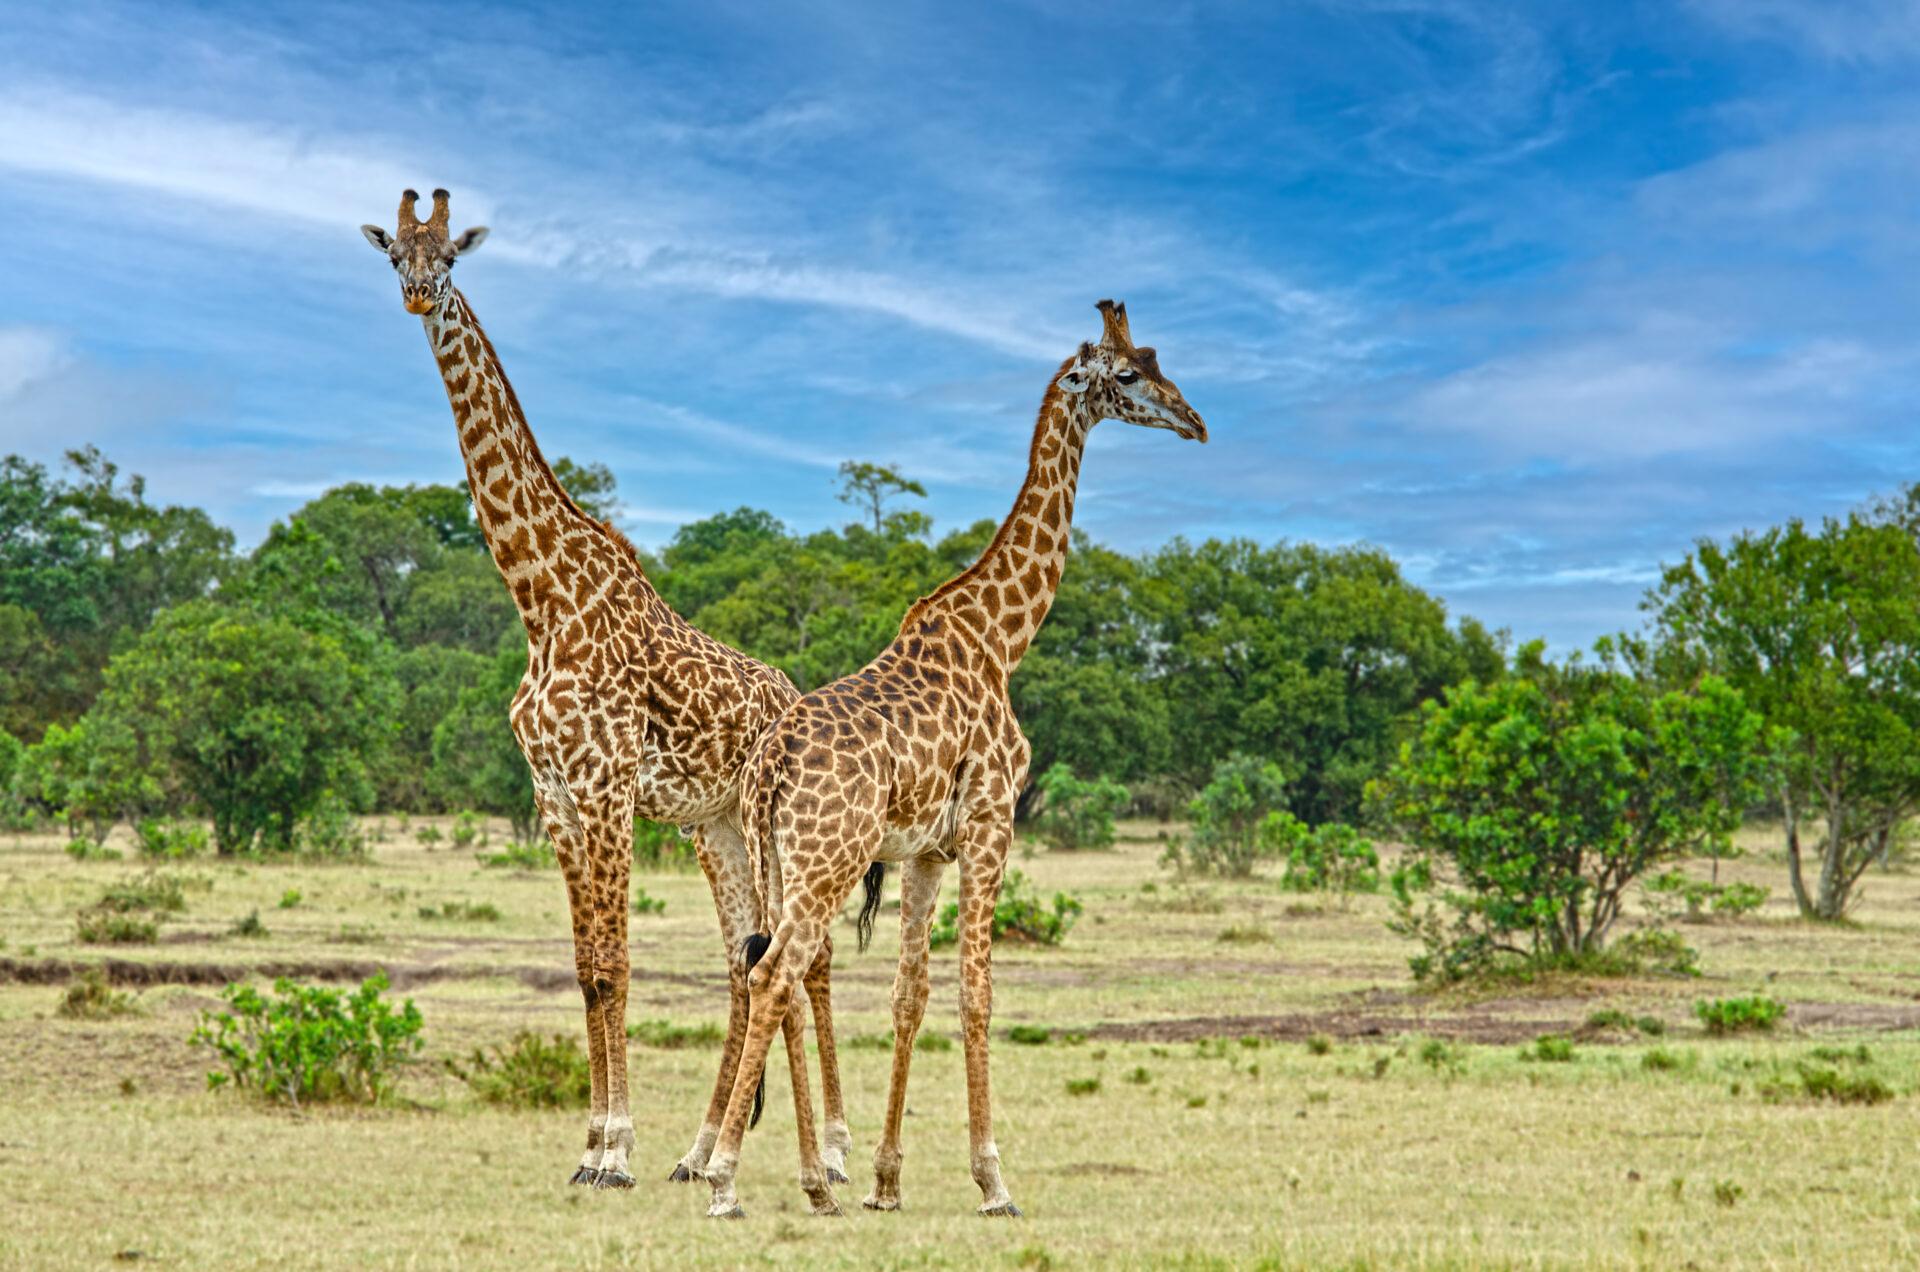 Giraffes, August 2019